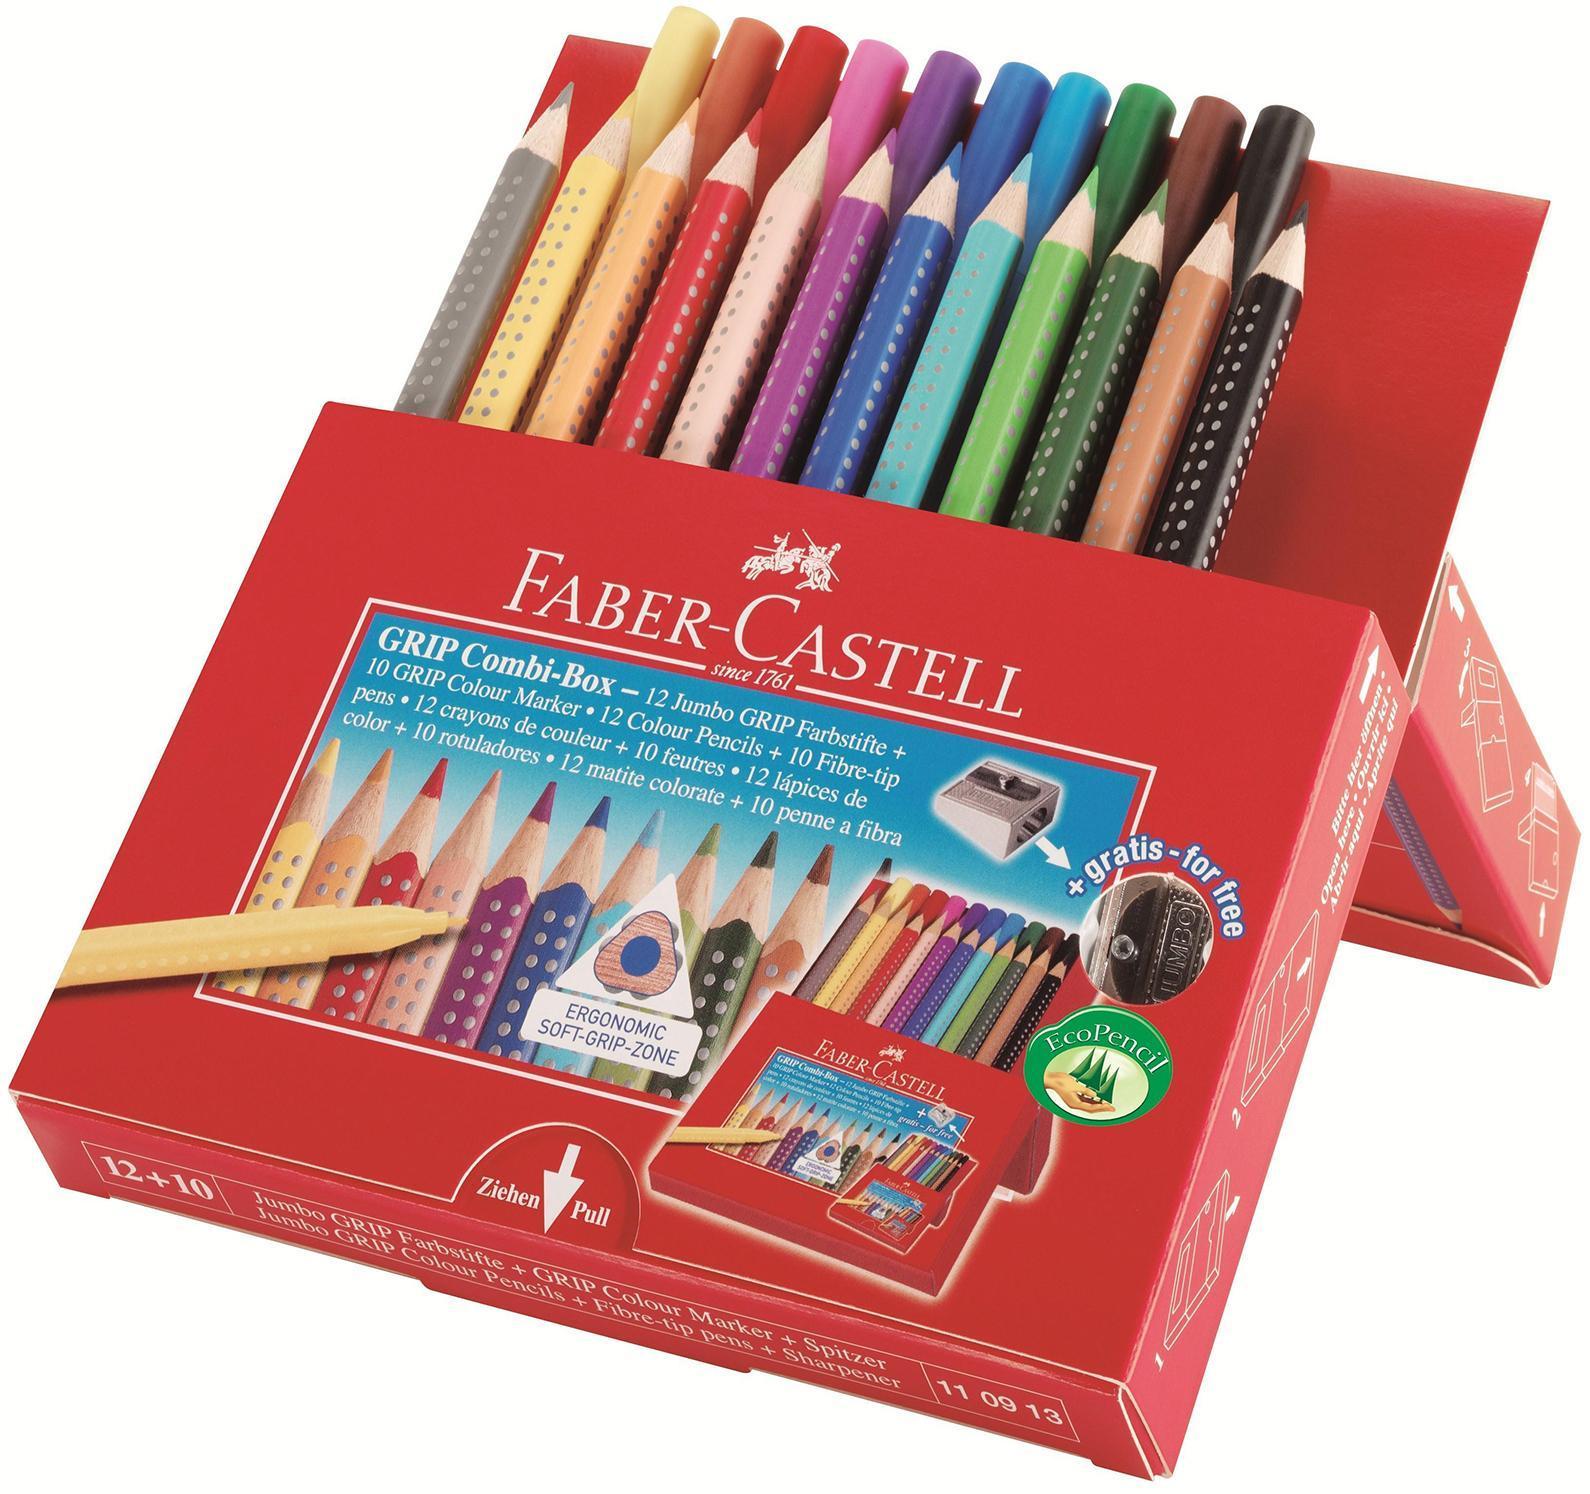 Цветные карандаши Jumbo Grip 12 шт + фломастеры 10 шт и металлическая точилка в картонной коробке карандаши восковые мелки пастель faber castell цветные карандаши замок в картонной коробке 6 шт